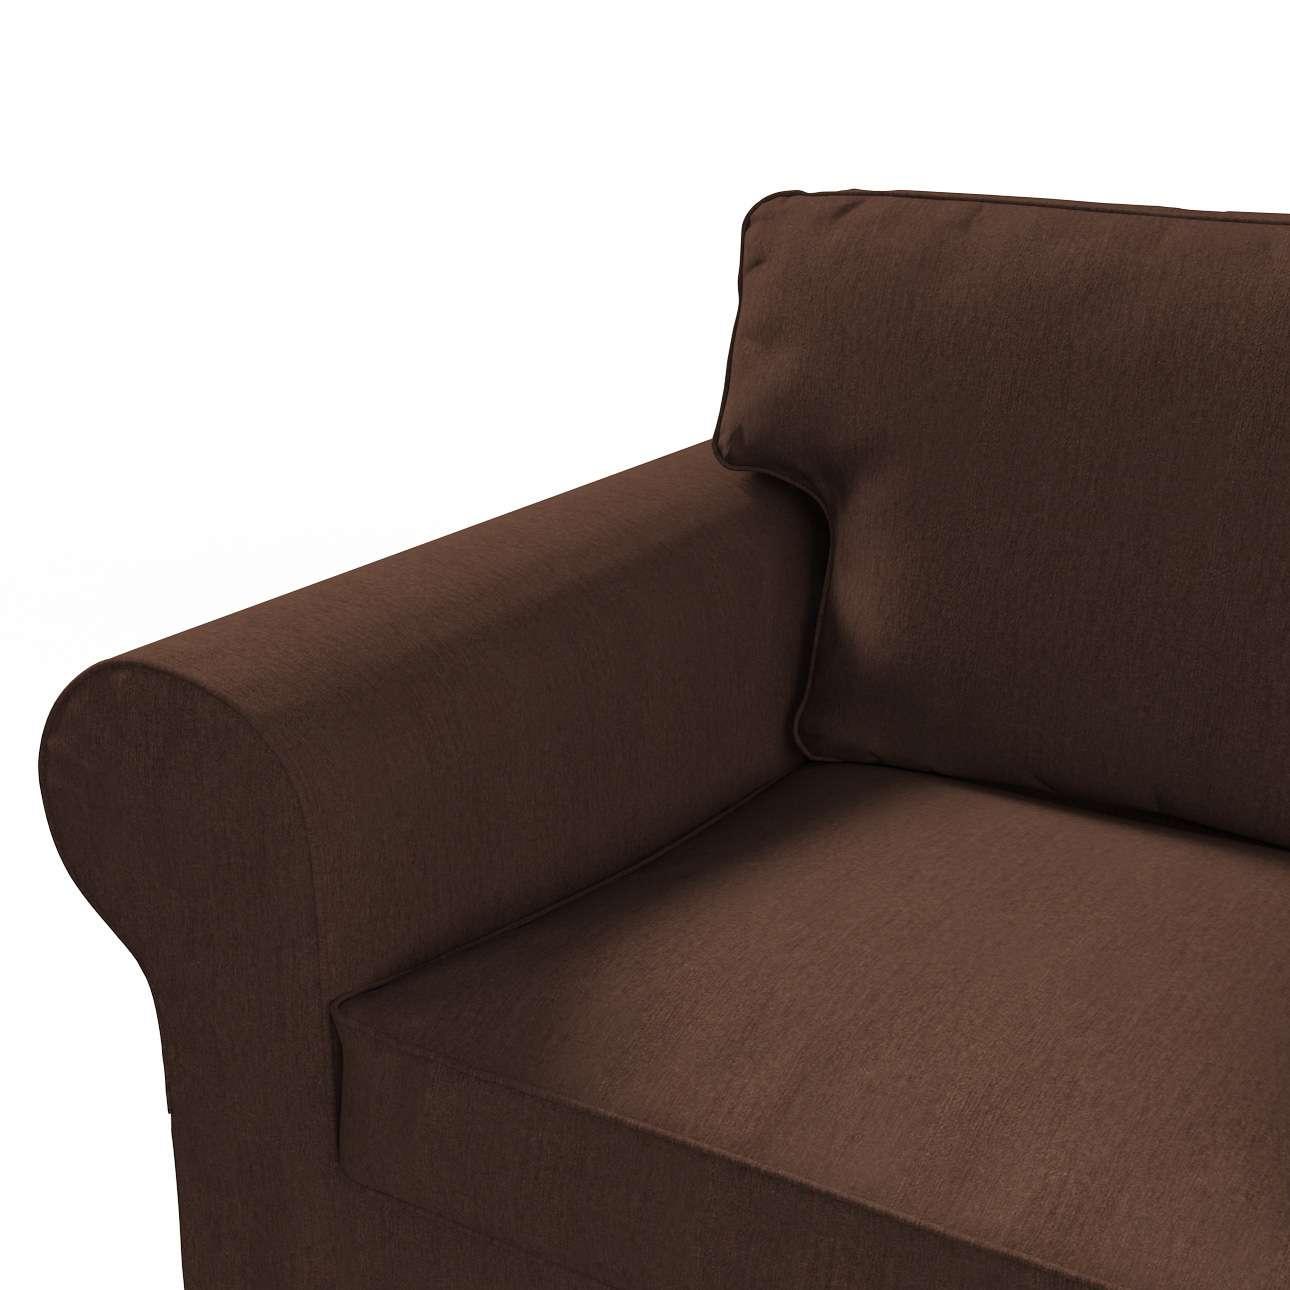 Ektorp dvivietės sofos užvalkalas Ektorp dvivietės sofos užvalkalas kolekcijoje Chenille, audinys: 702-18